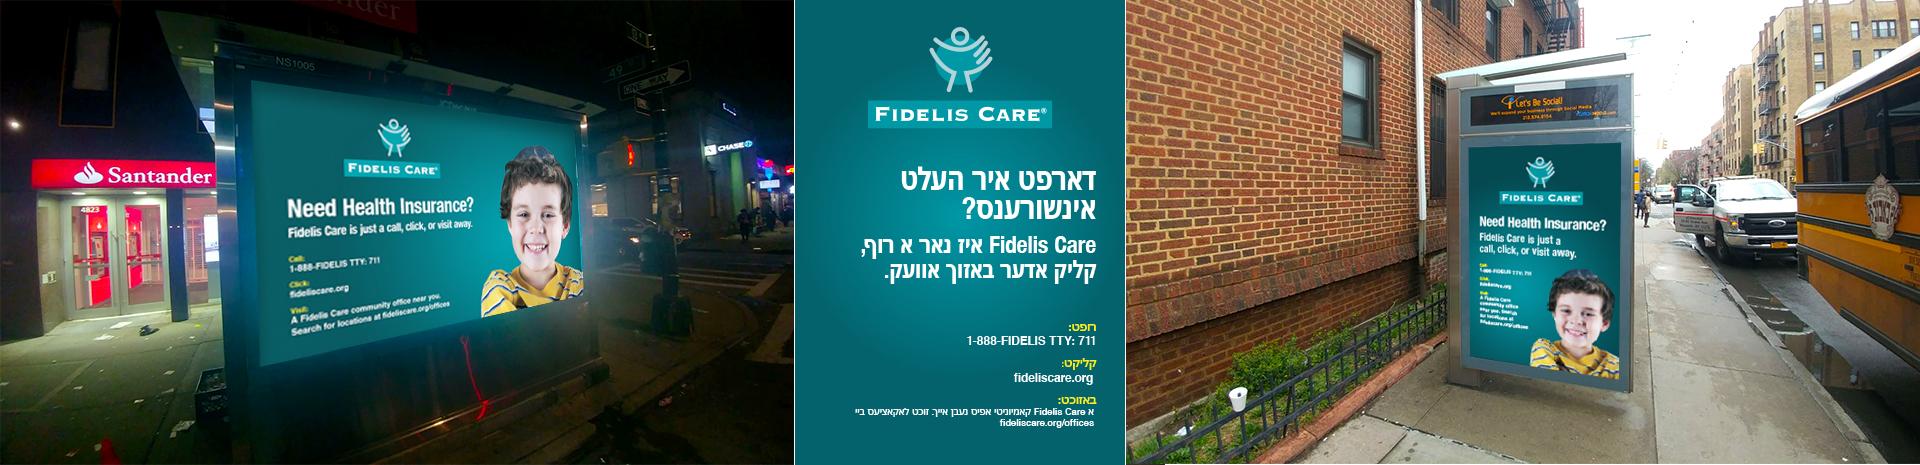 Fidelis Blog Billboard Images